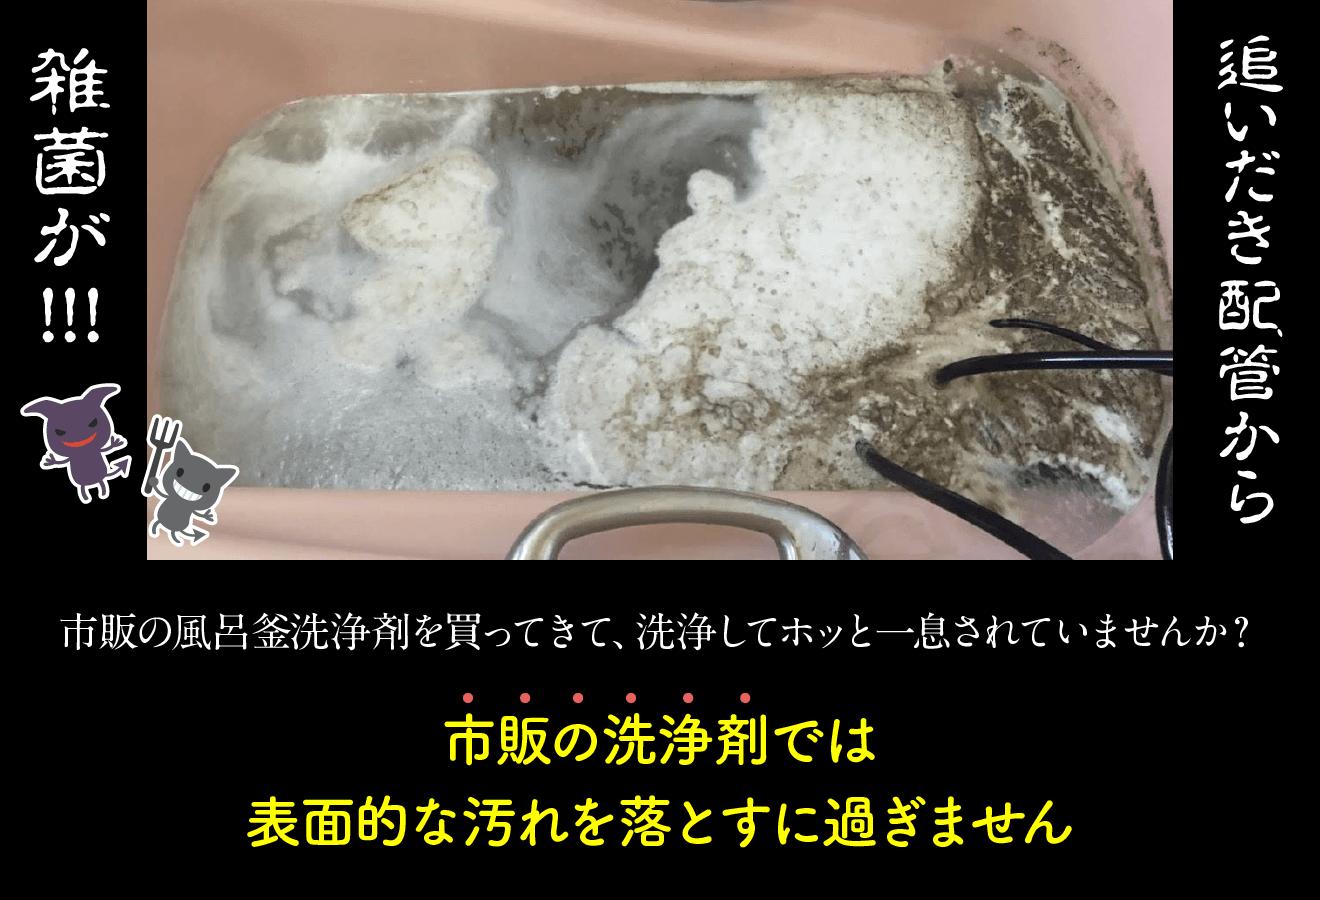 風呂釜洗浄PRO|風呂釜追いだき配管洗浄ならN-Cleanへ